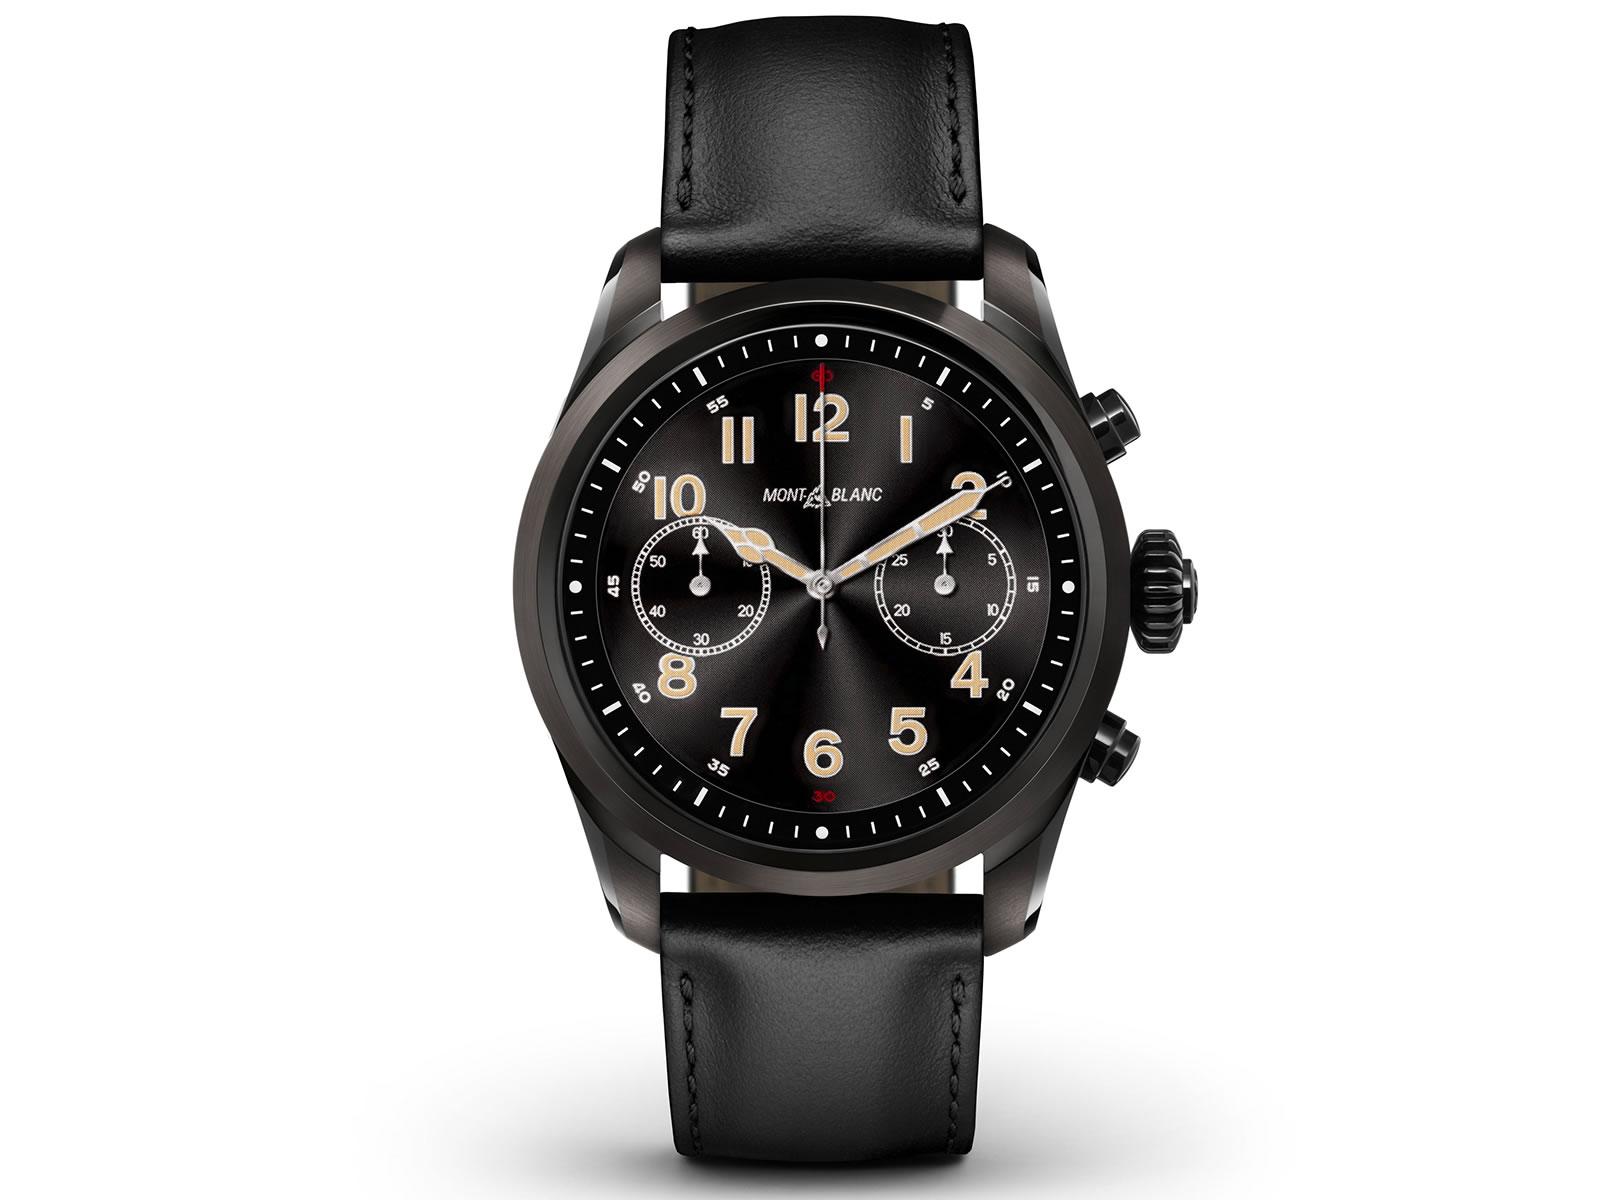 montblanc-summit-2-smartwatch-6-.jpg